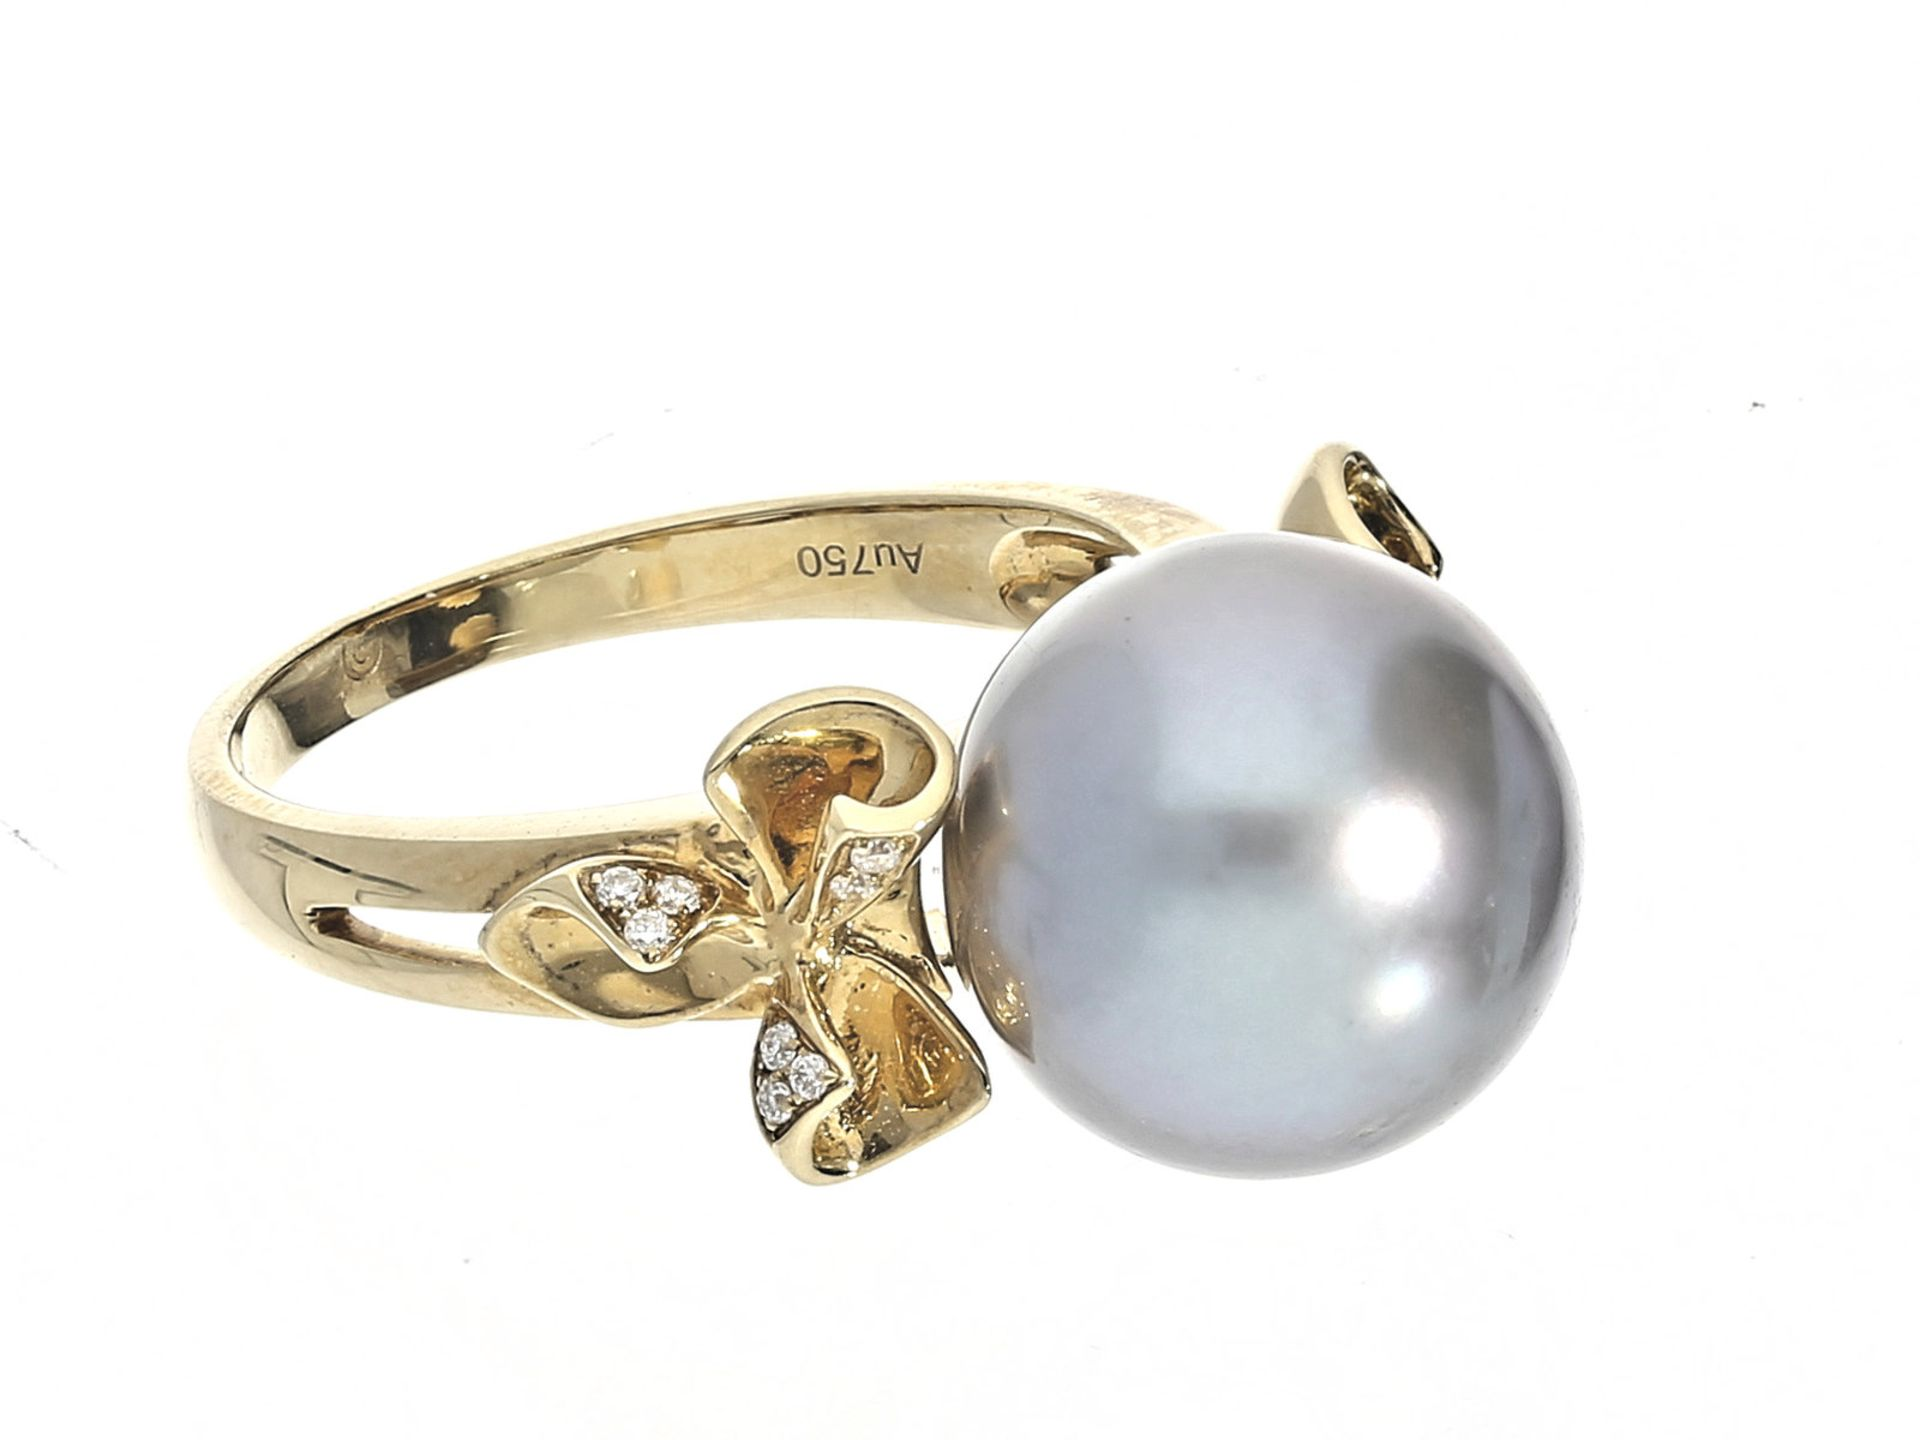 Ring: sehr schön gearbeiteter Goldring mit Tahitiperle und Brillanten, ungetragener Goldschmiede- - Bild 2 aus 2